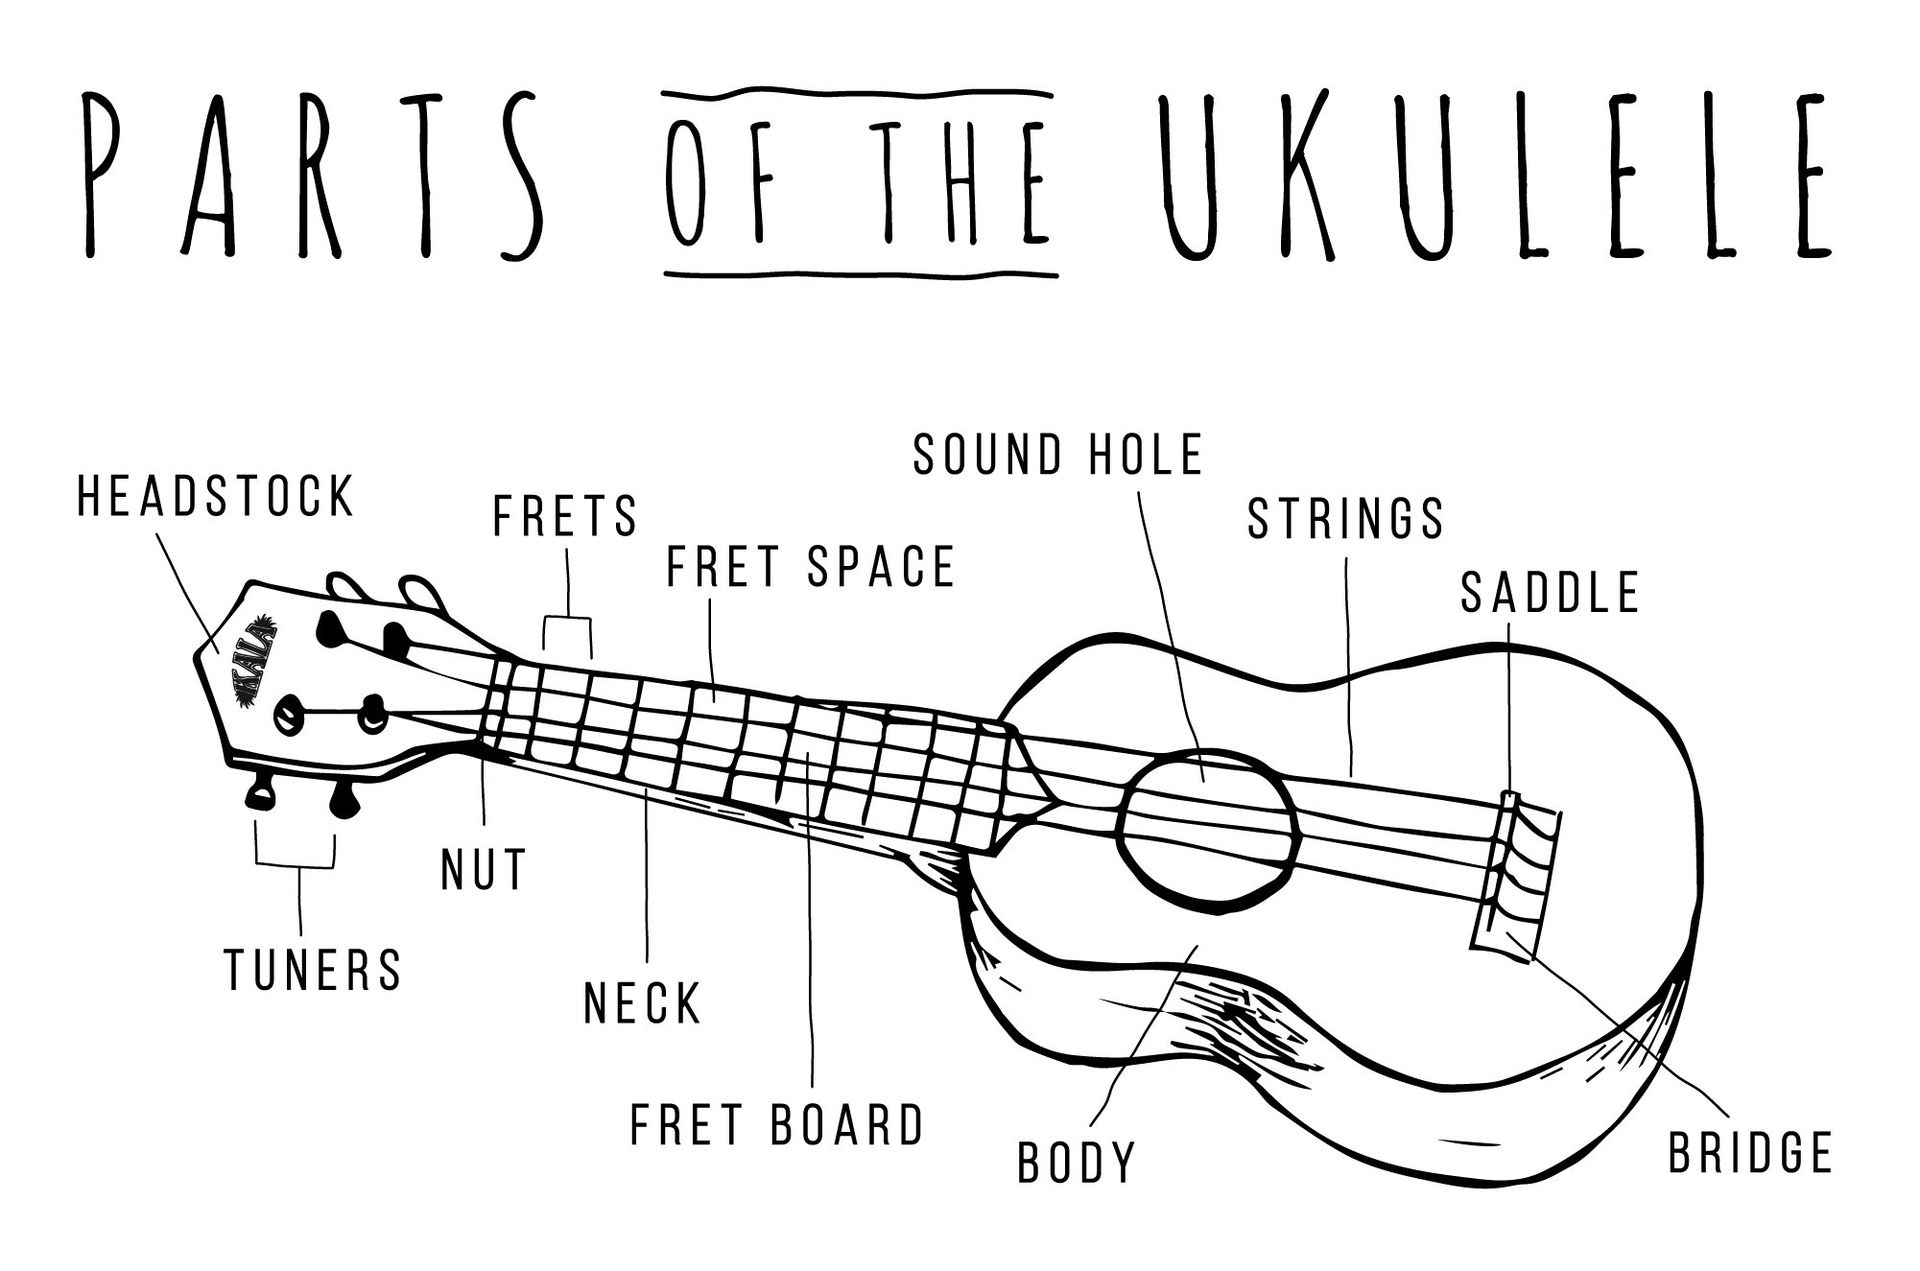 We found love ukulele chords daniel caesar